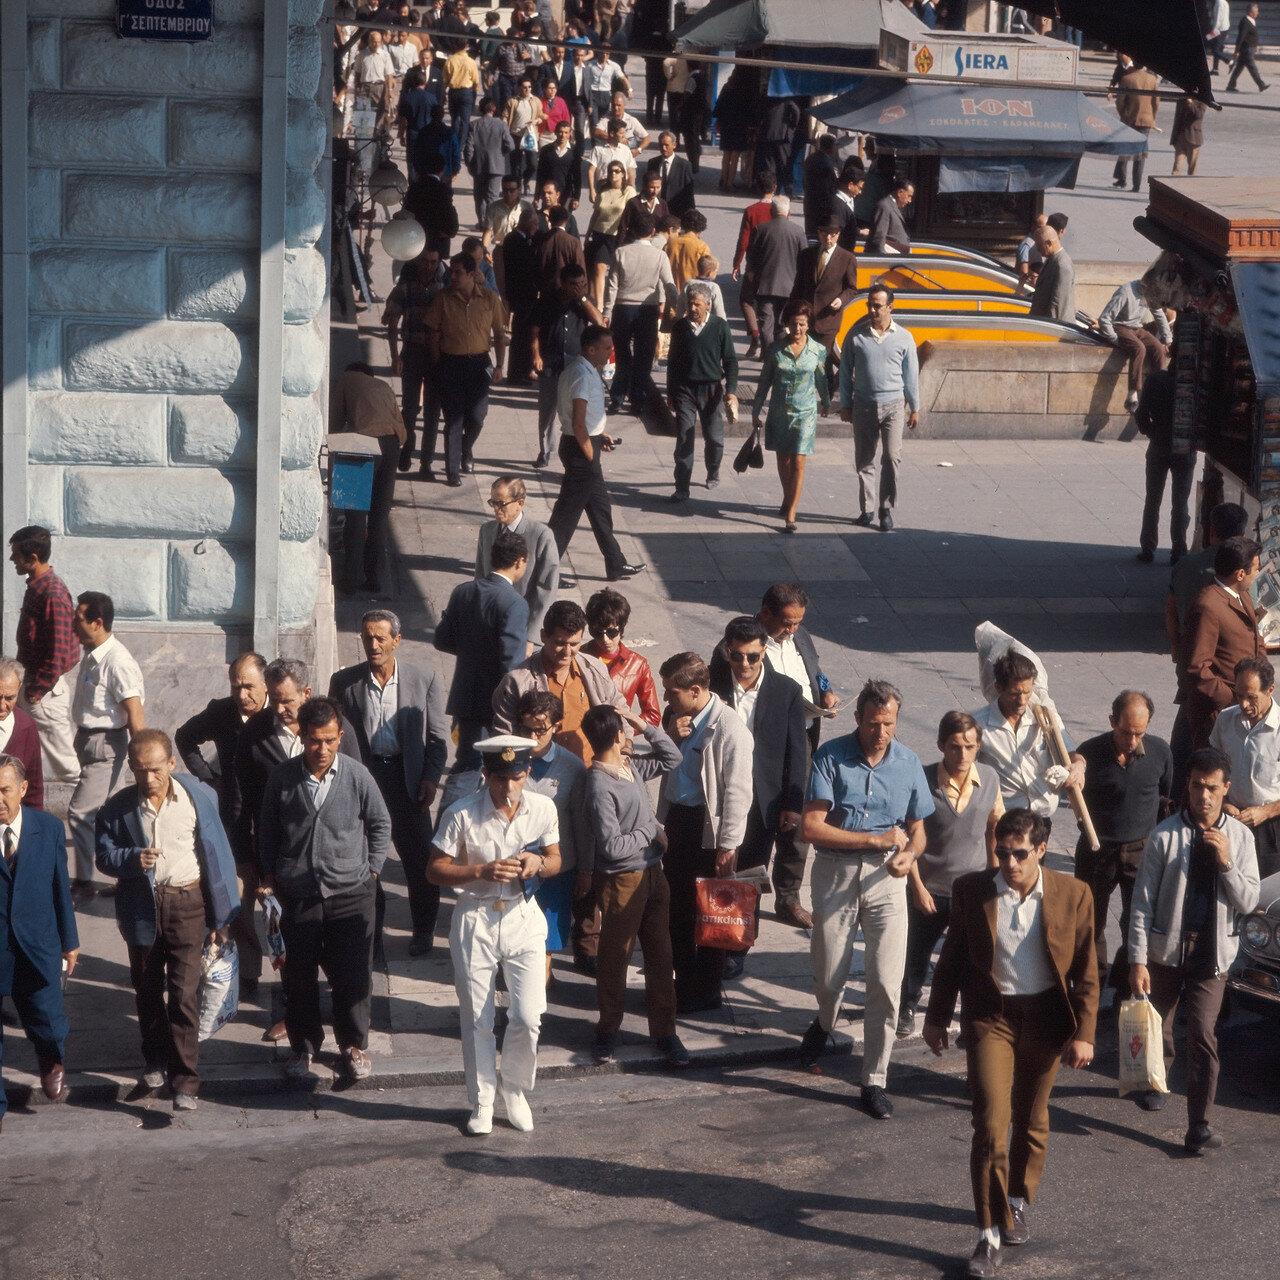 Площадь Омония. Пешеходный переход